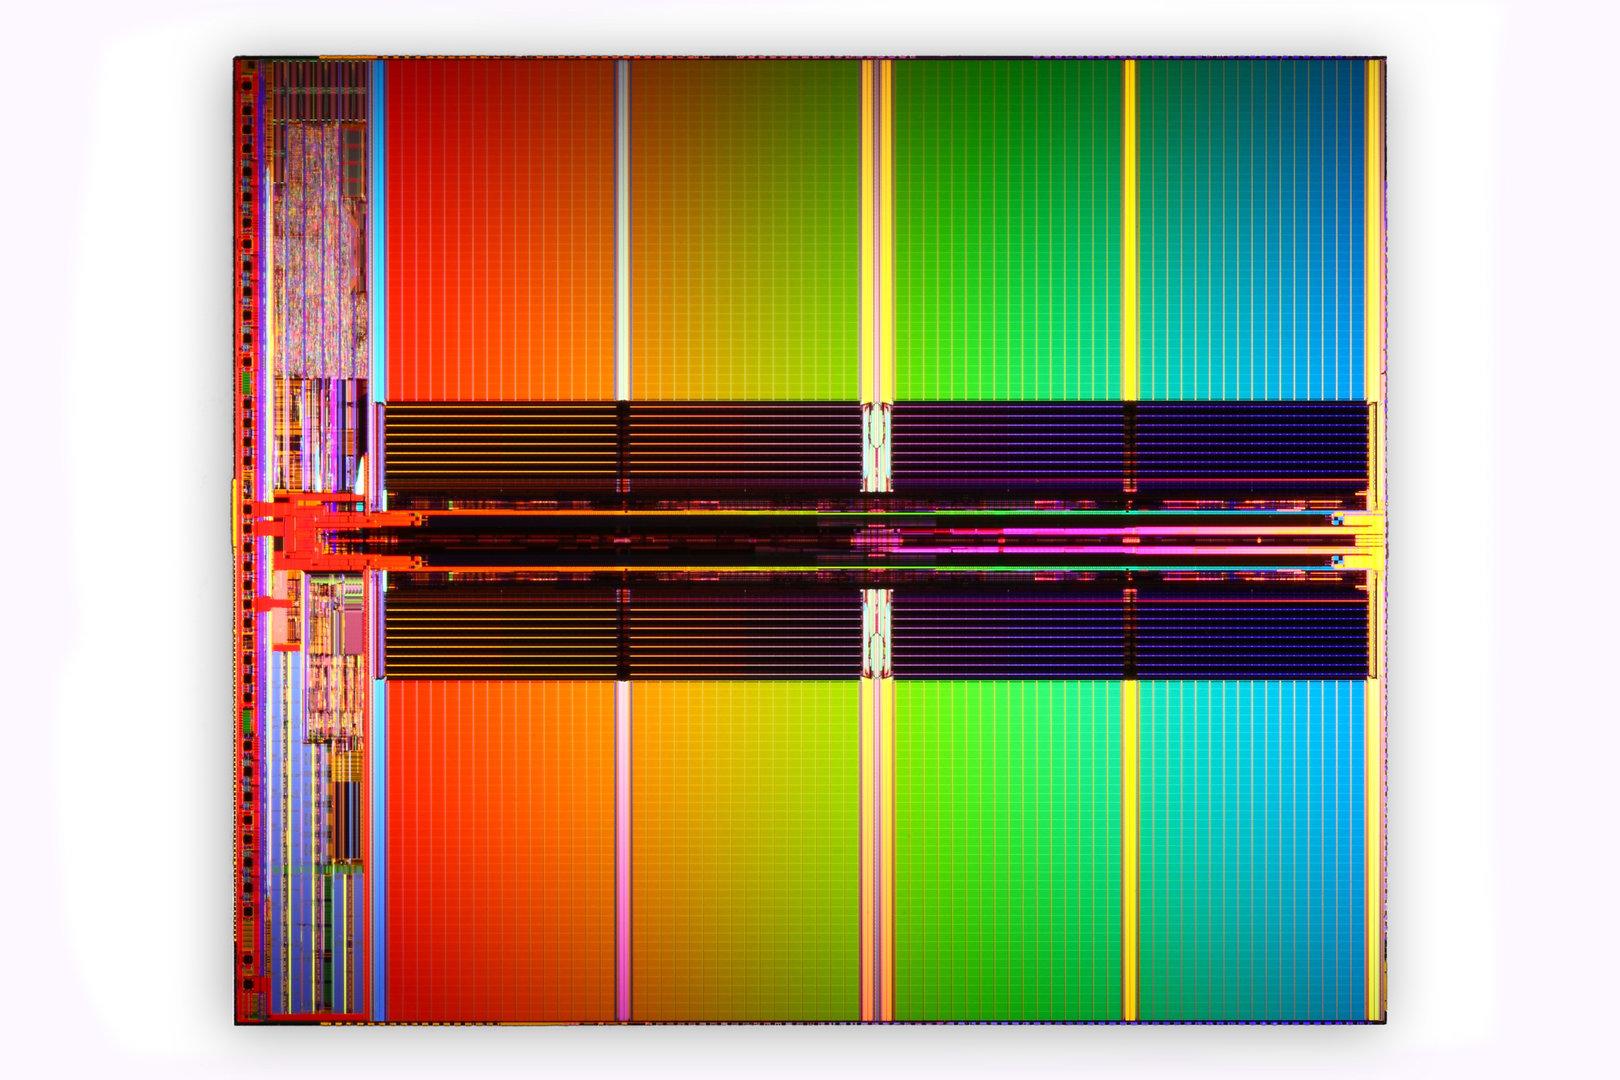 32 Gigabit großer 34-nm-NAND-Baustein mit 3 Bit pro Zelle von IM Flash Technologies